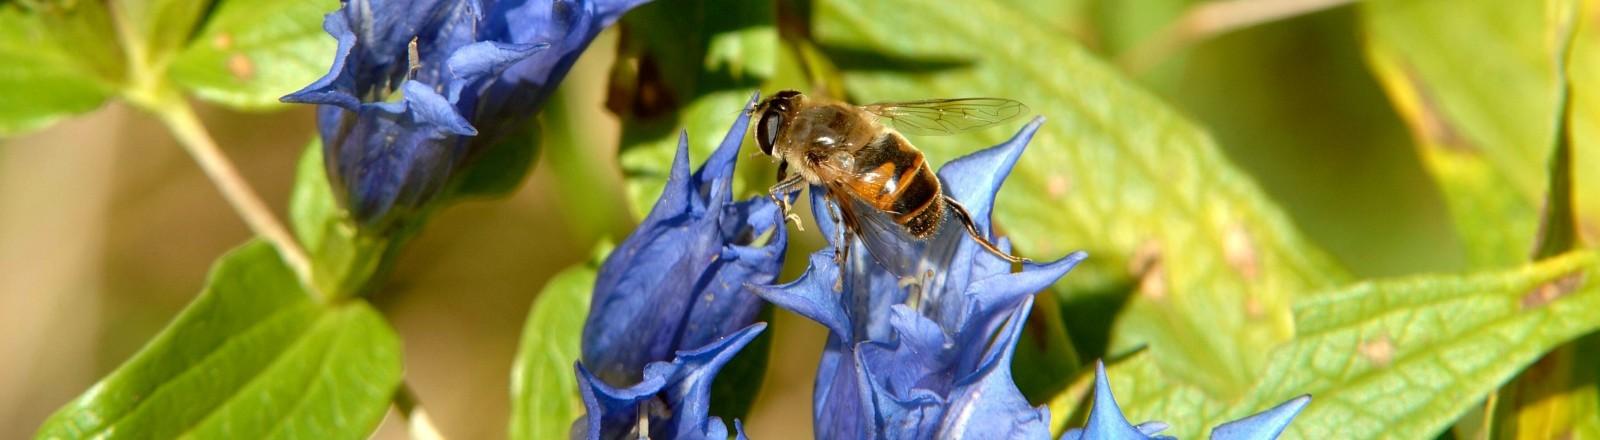 Biene bestäubt blaue Blume.